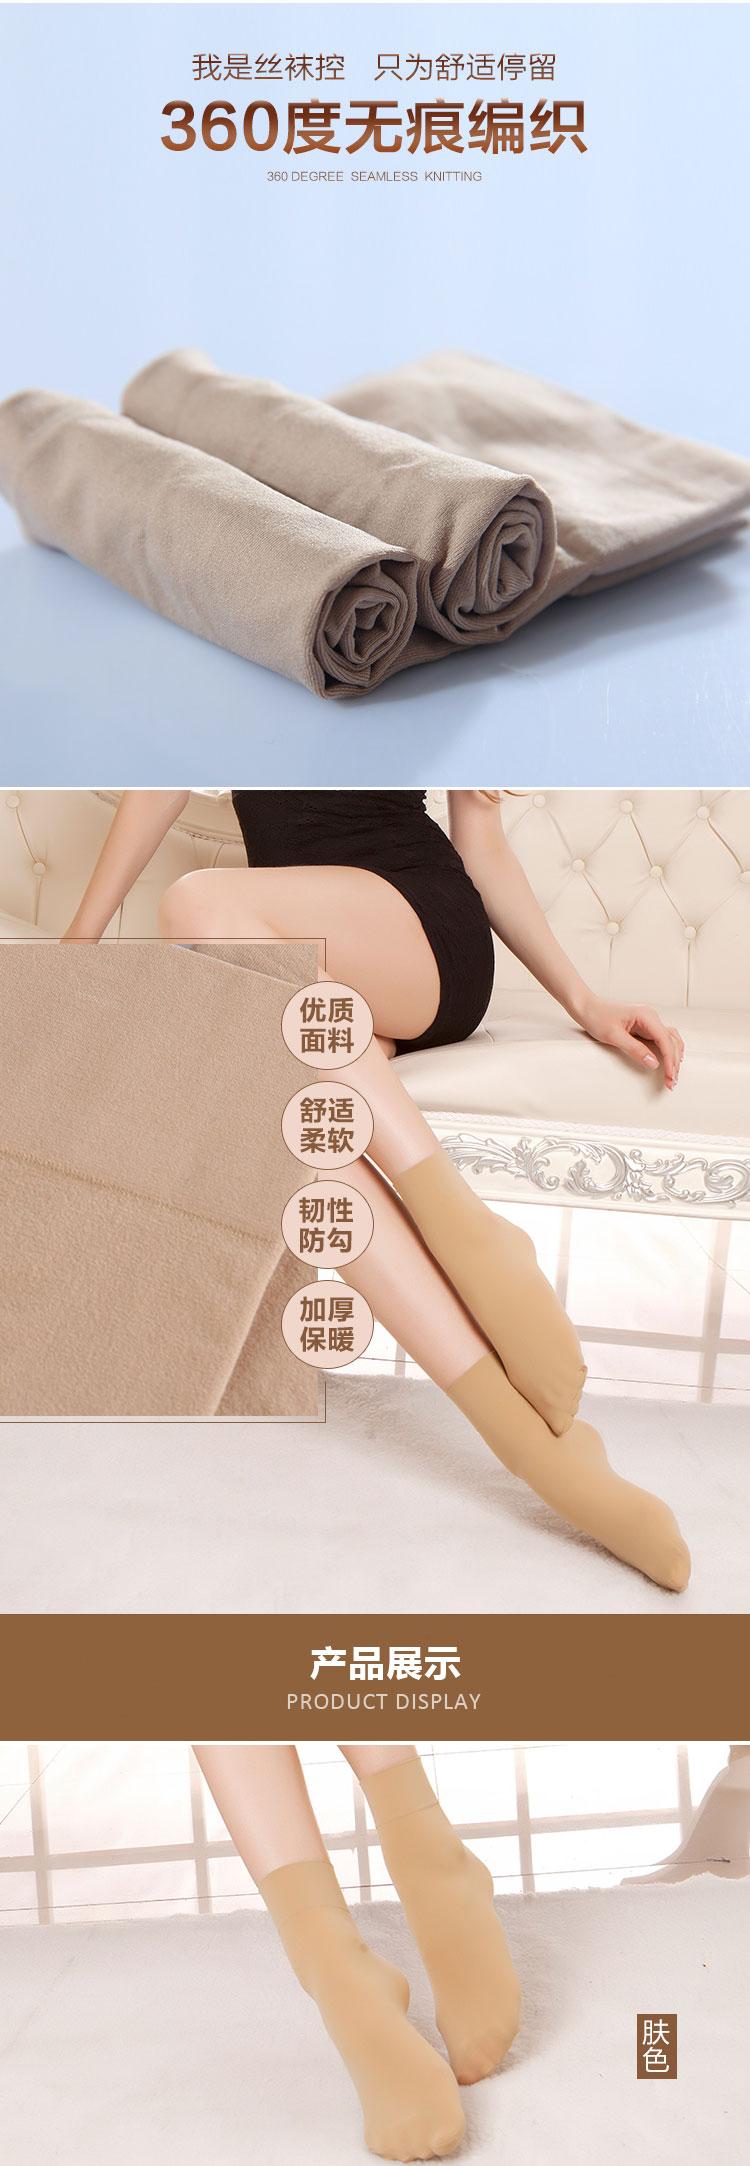 10双浪莎短丝袜女加厚秋冬款天鹅绒丝袜低帮女袜50D宽口袜子女士短袜z6690好吗